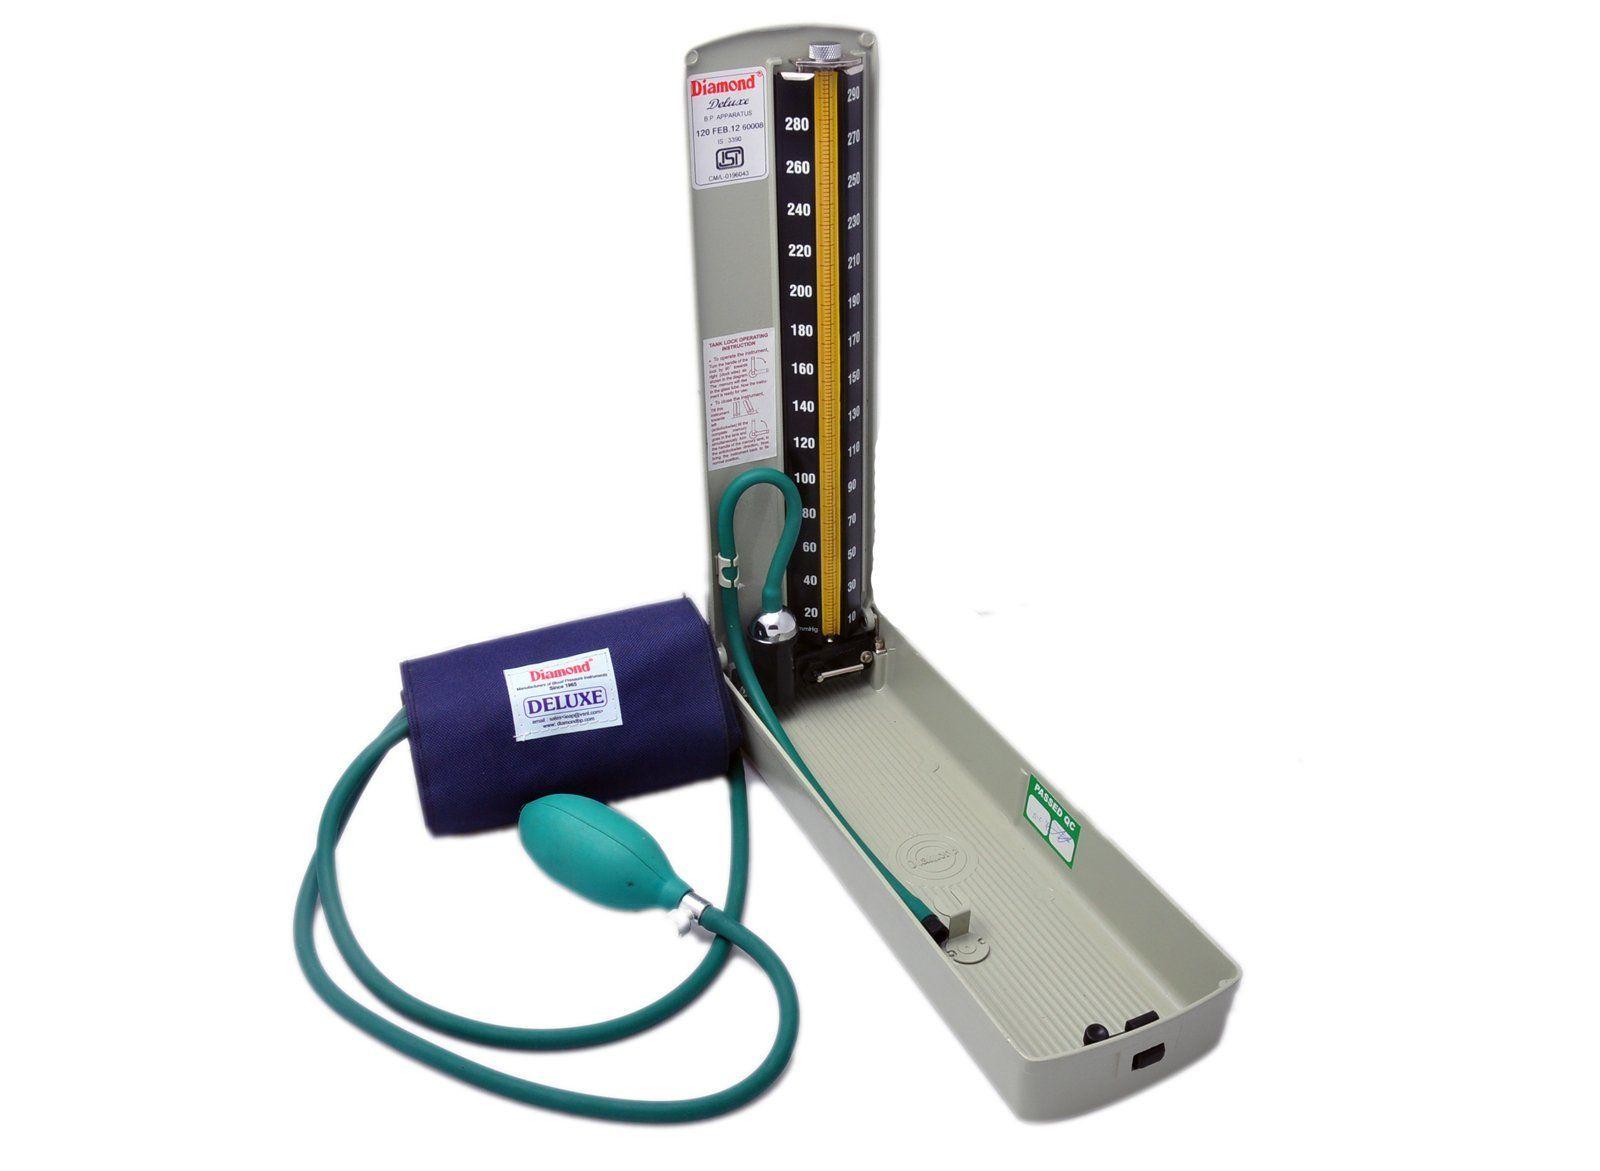 Paras Surgical-Diamond BP Mercury Meter/ Apparatus - DELUX